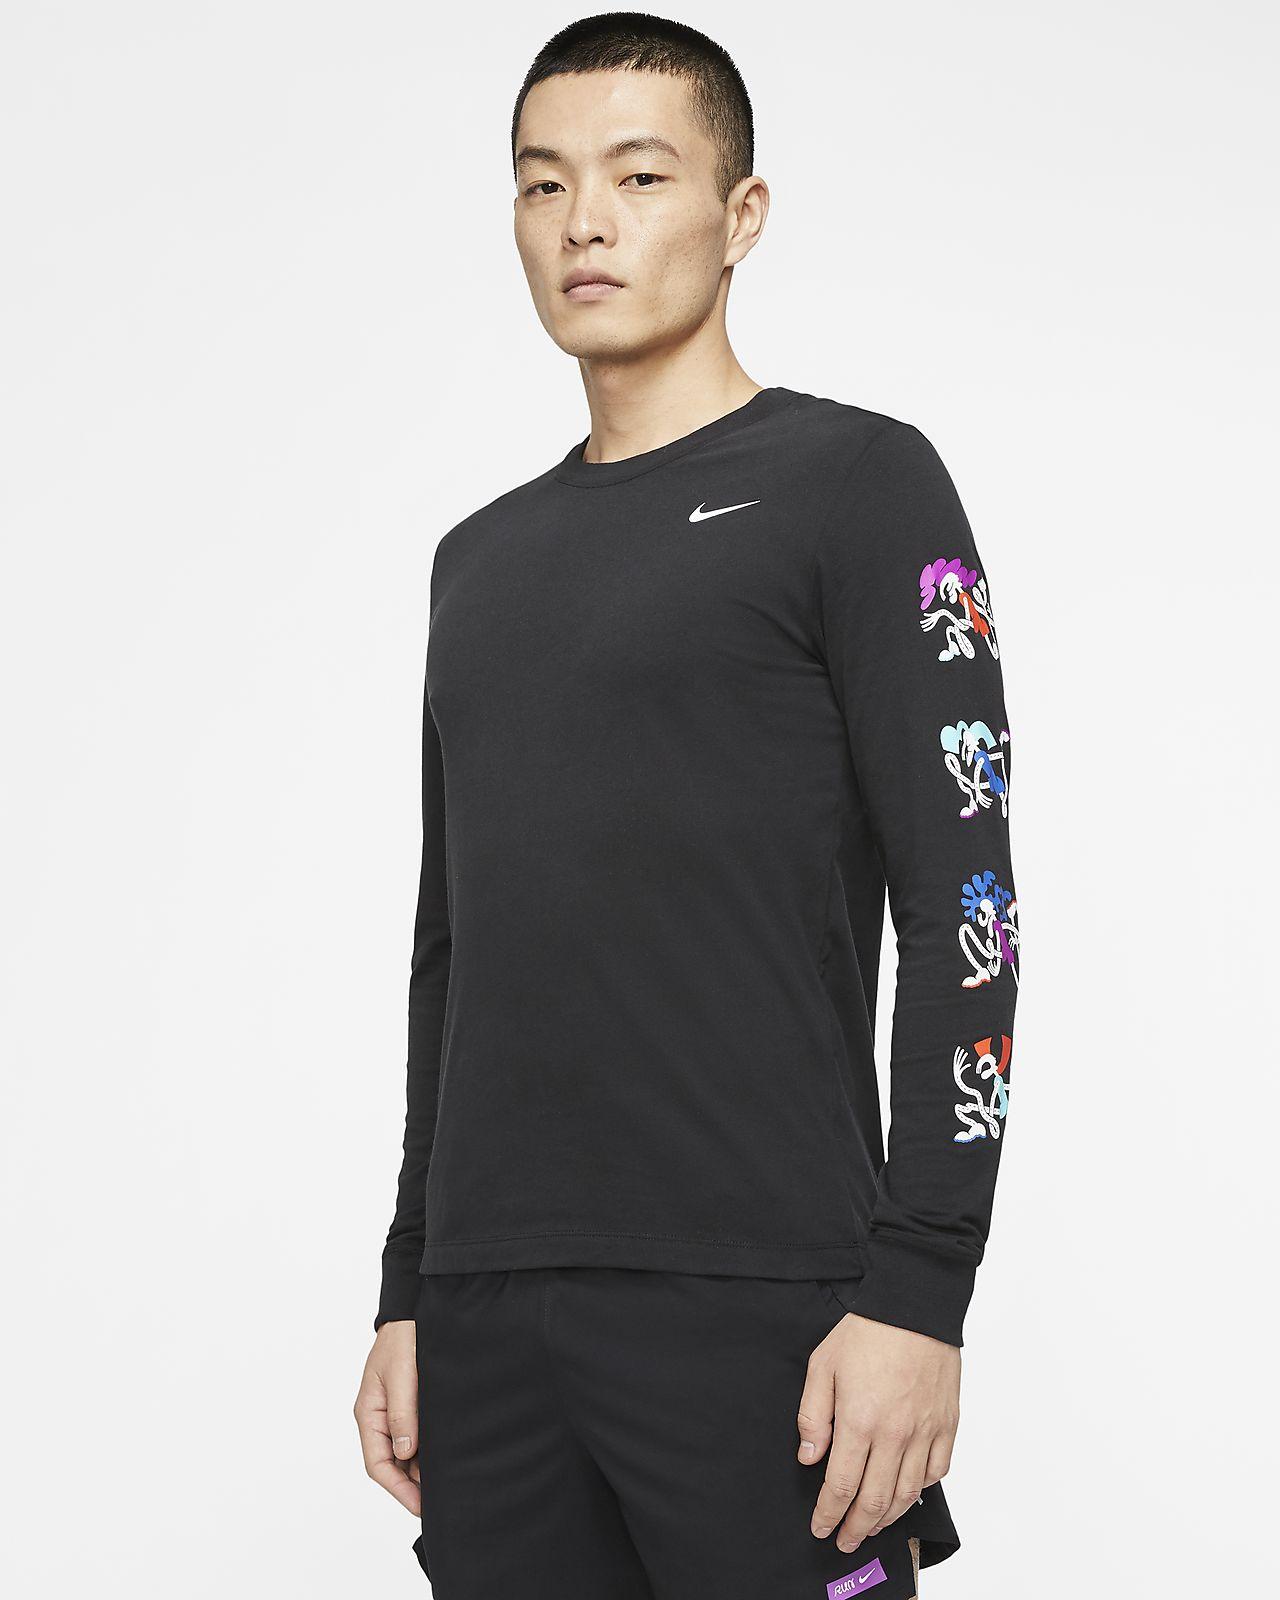 Långärmad NBA-t-shirt Nike Dri-FIT för män